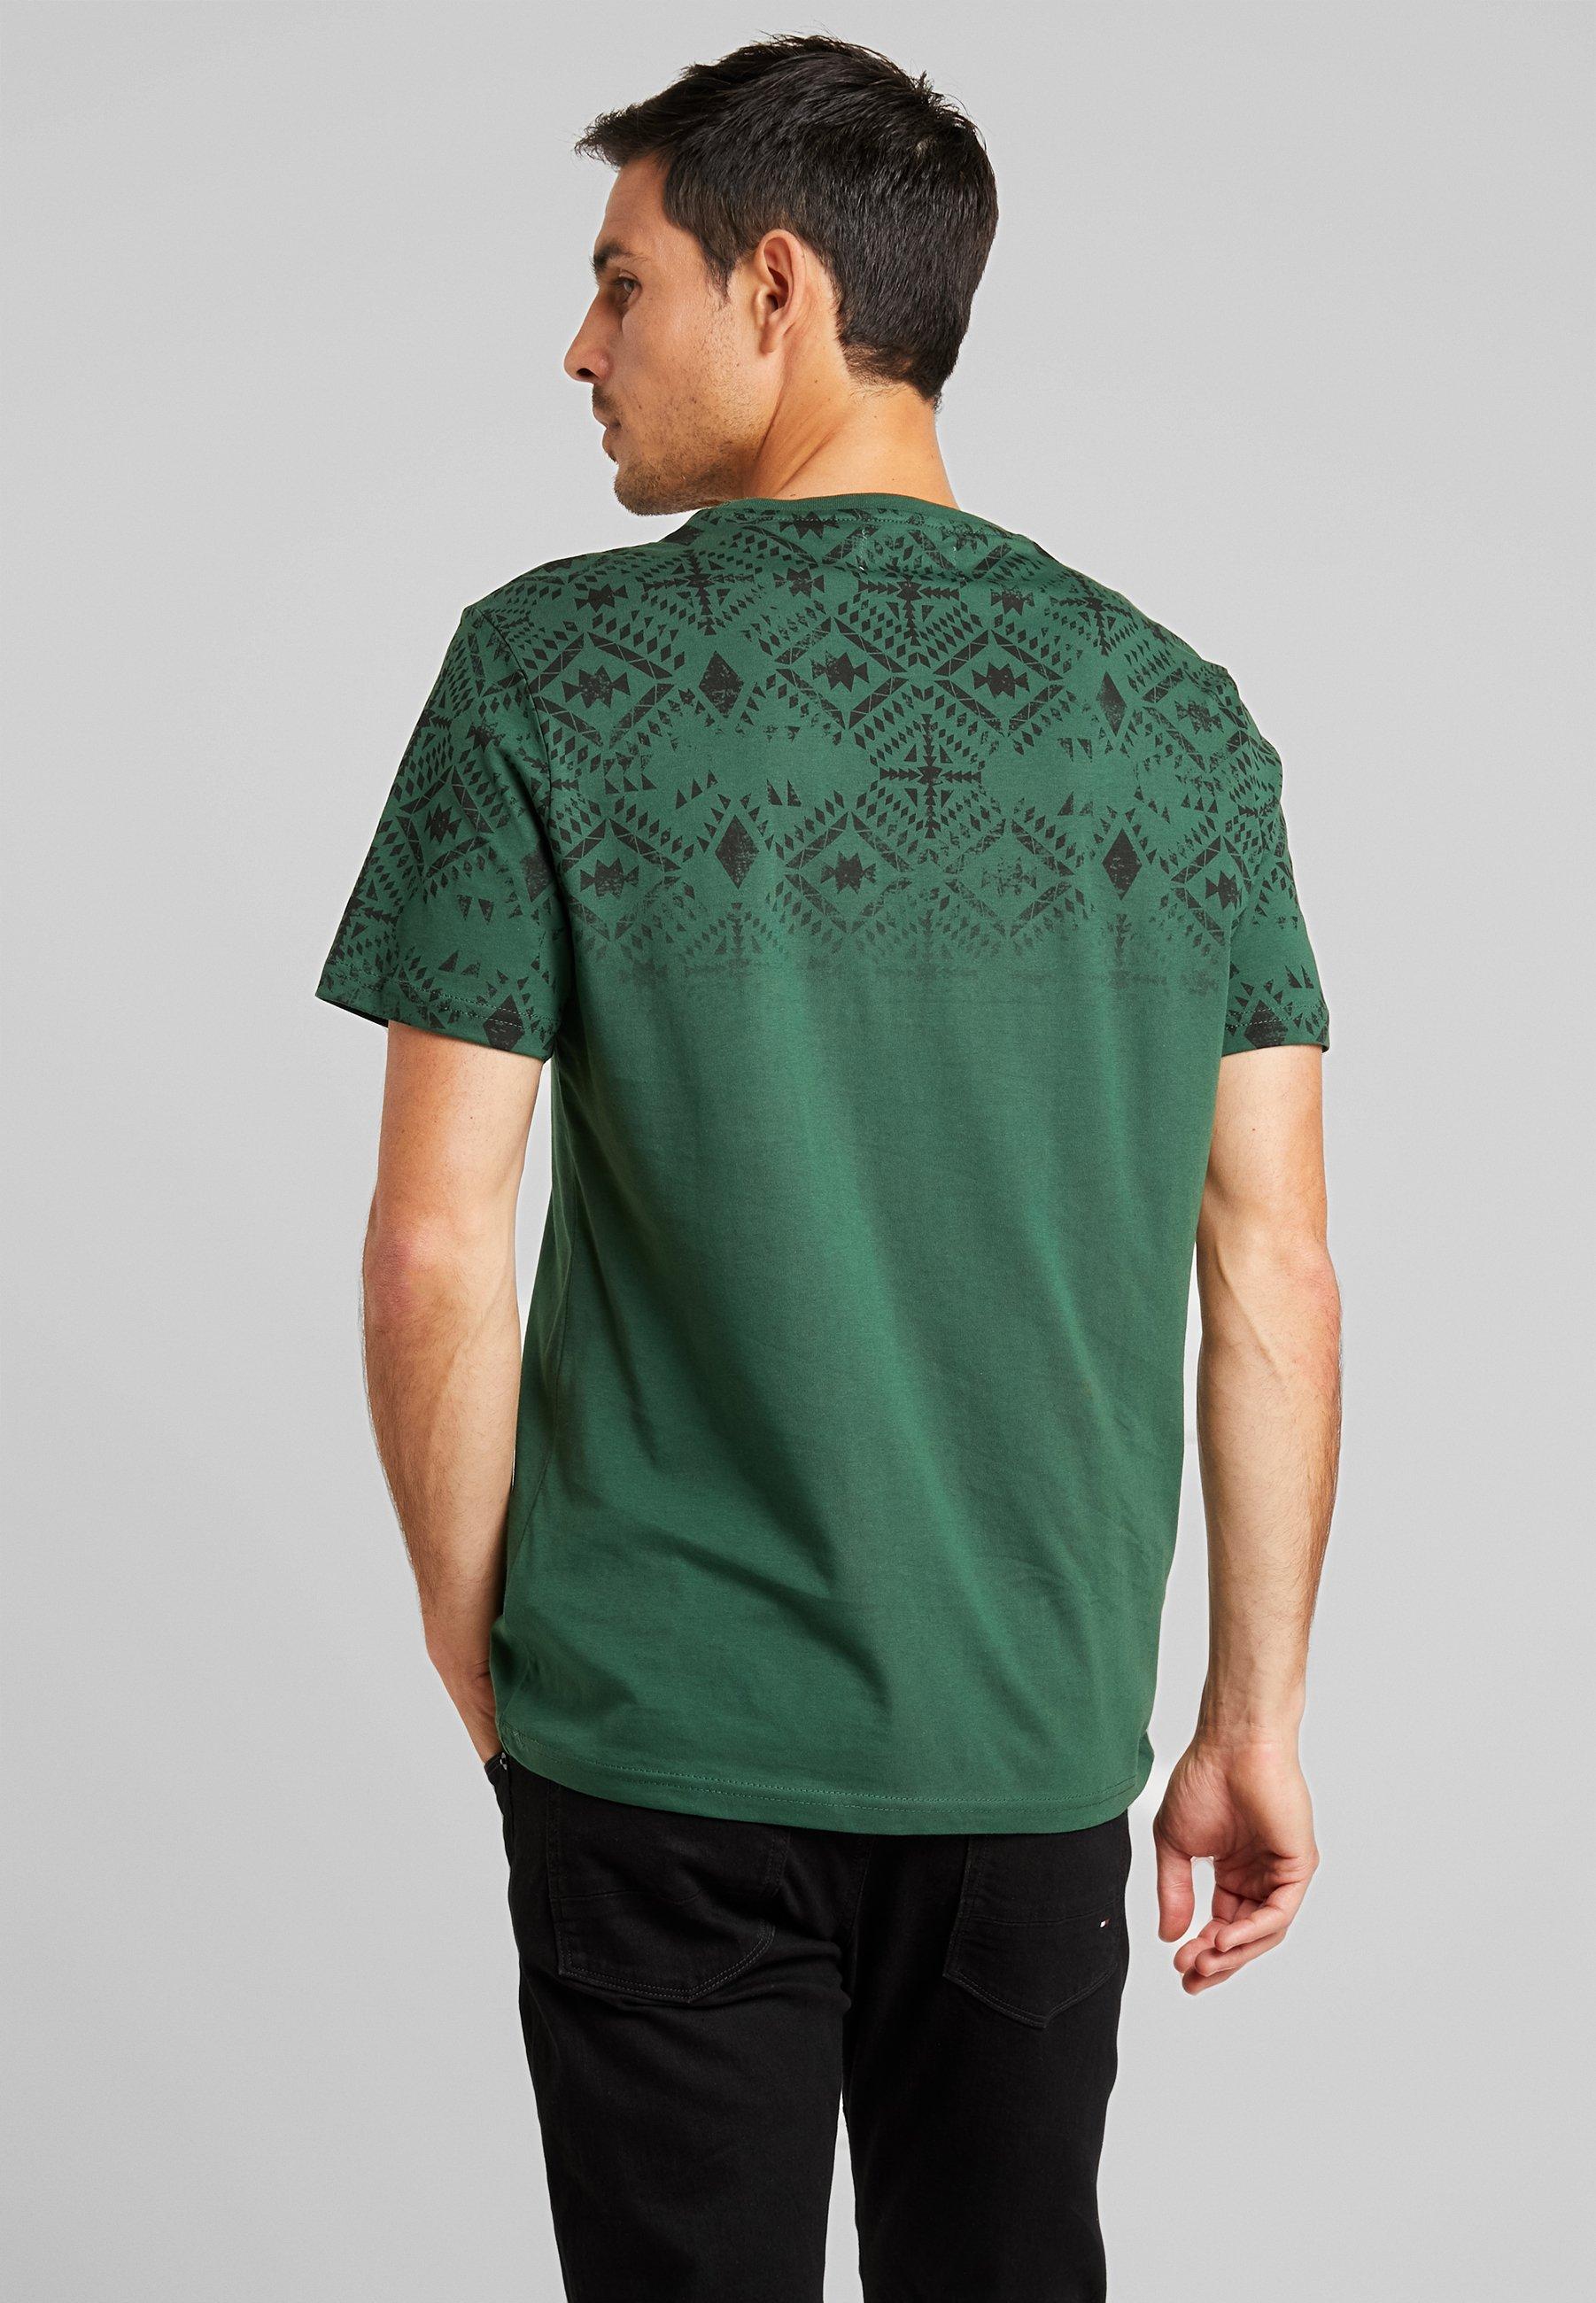 One Pier Green T shirt ImpriméDark kTOXZPiu